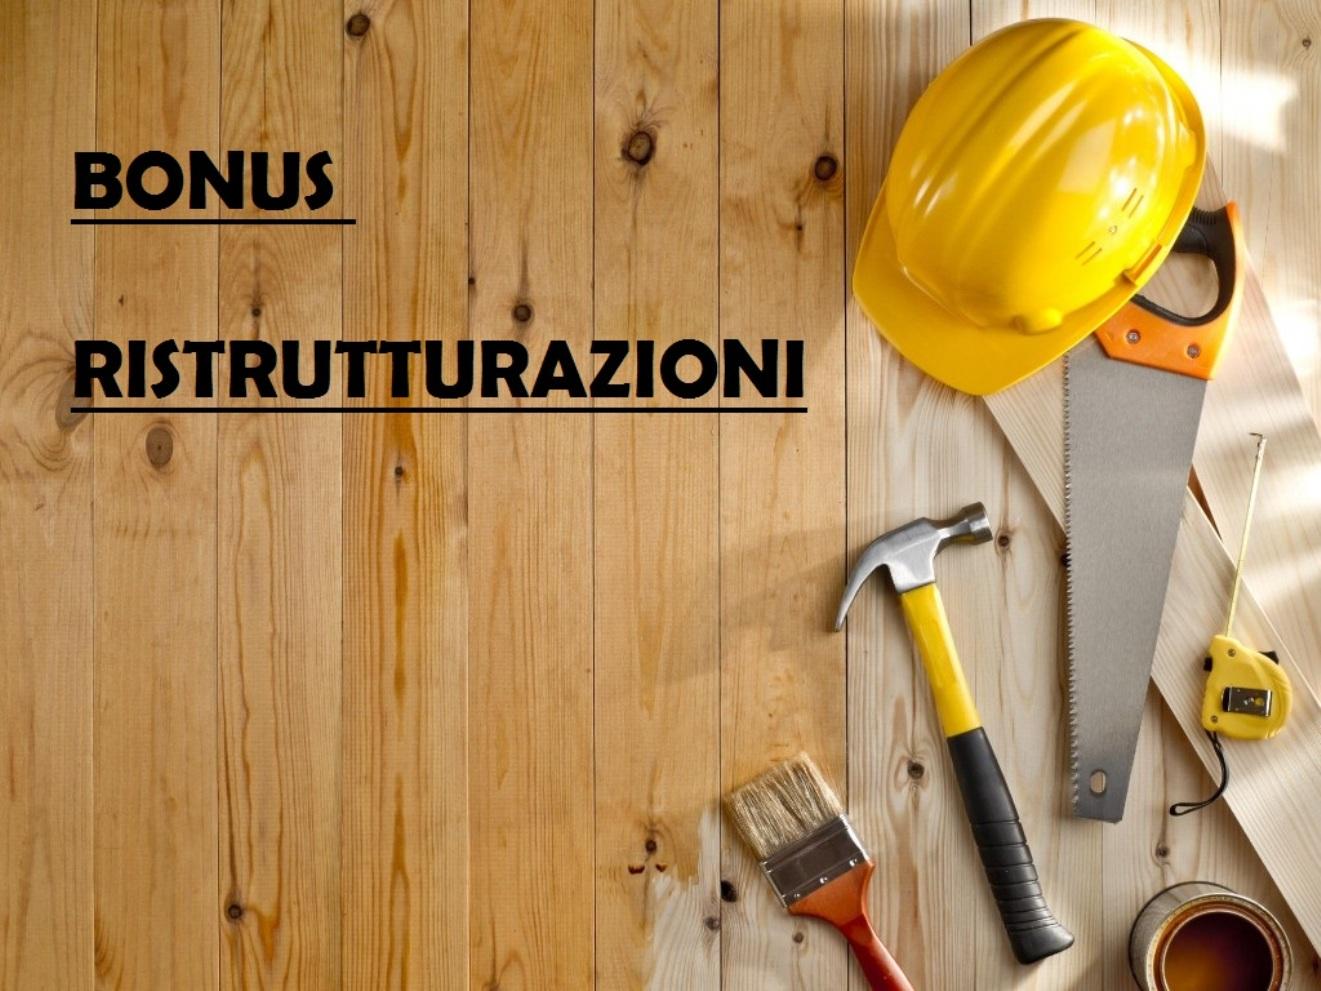 Bonus Porte Interne 2018 bonus ristrutturazione casa: ecco come è possibile detrarre